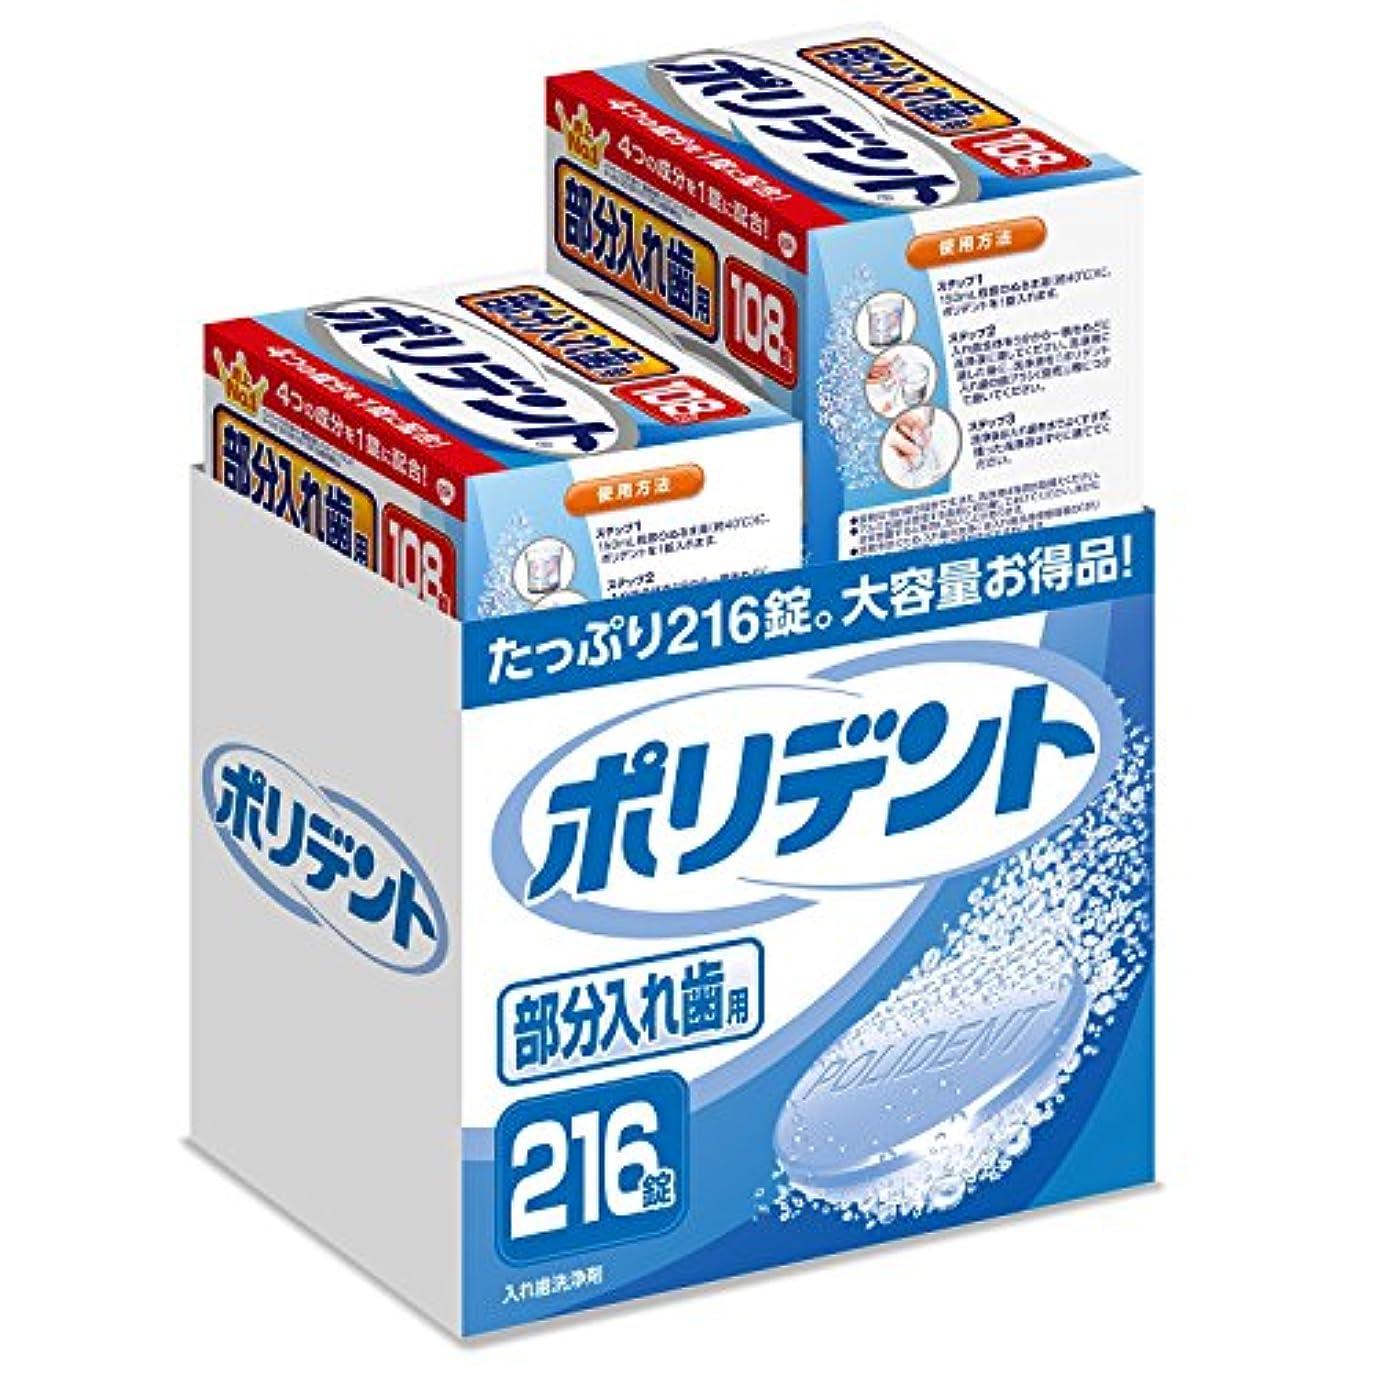 ラウンジ調和のとれた可聴【Amazon.co.jp限定】入れ歯洗浄剤 部分入れ歯用ポリデント 大容量 216錠